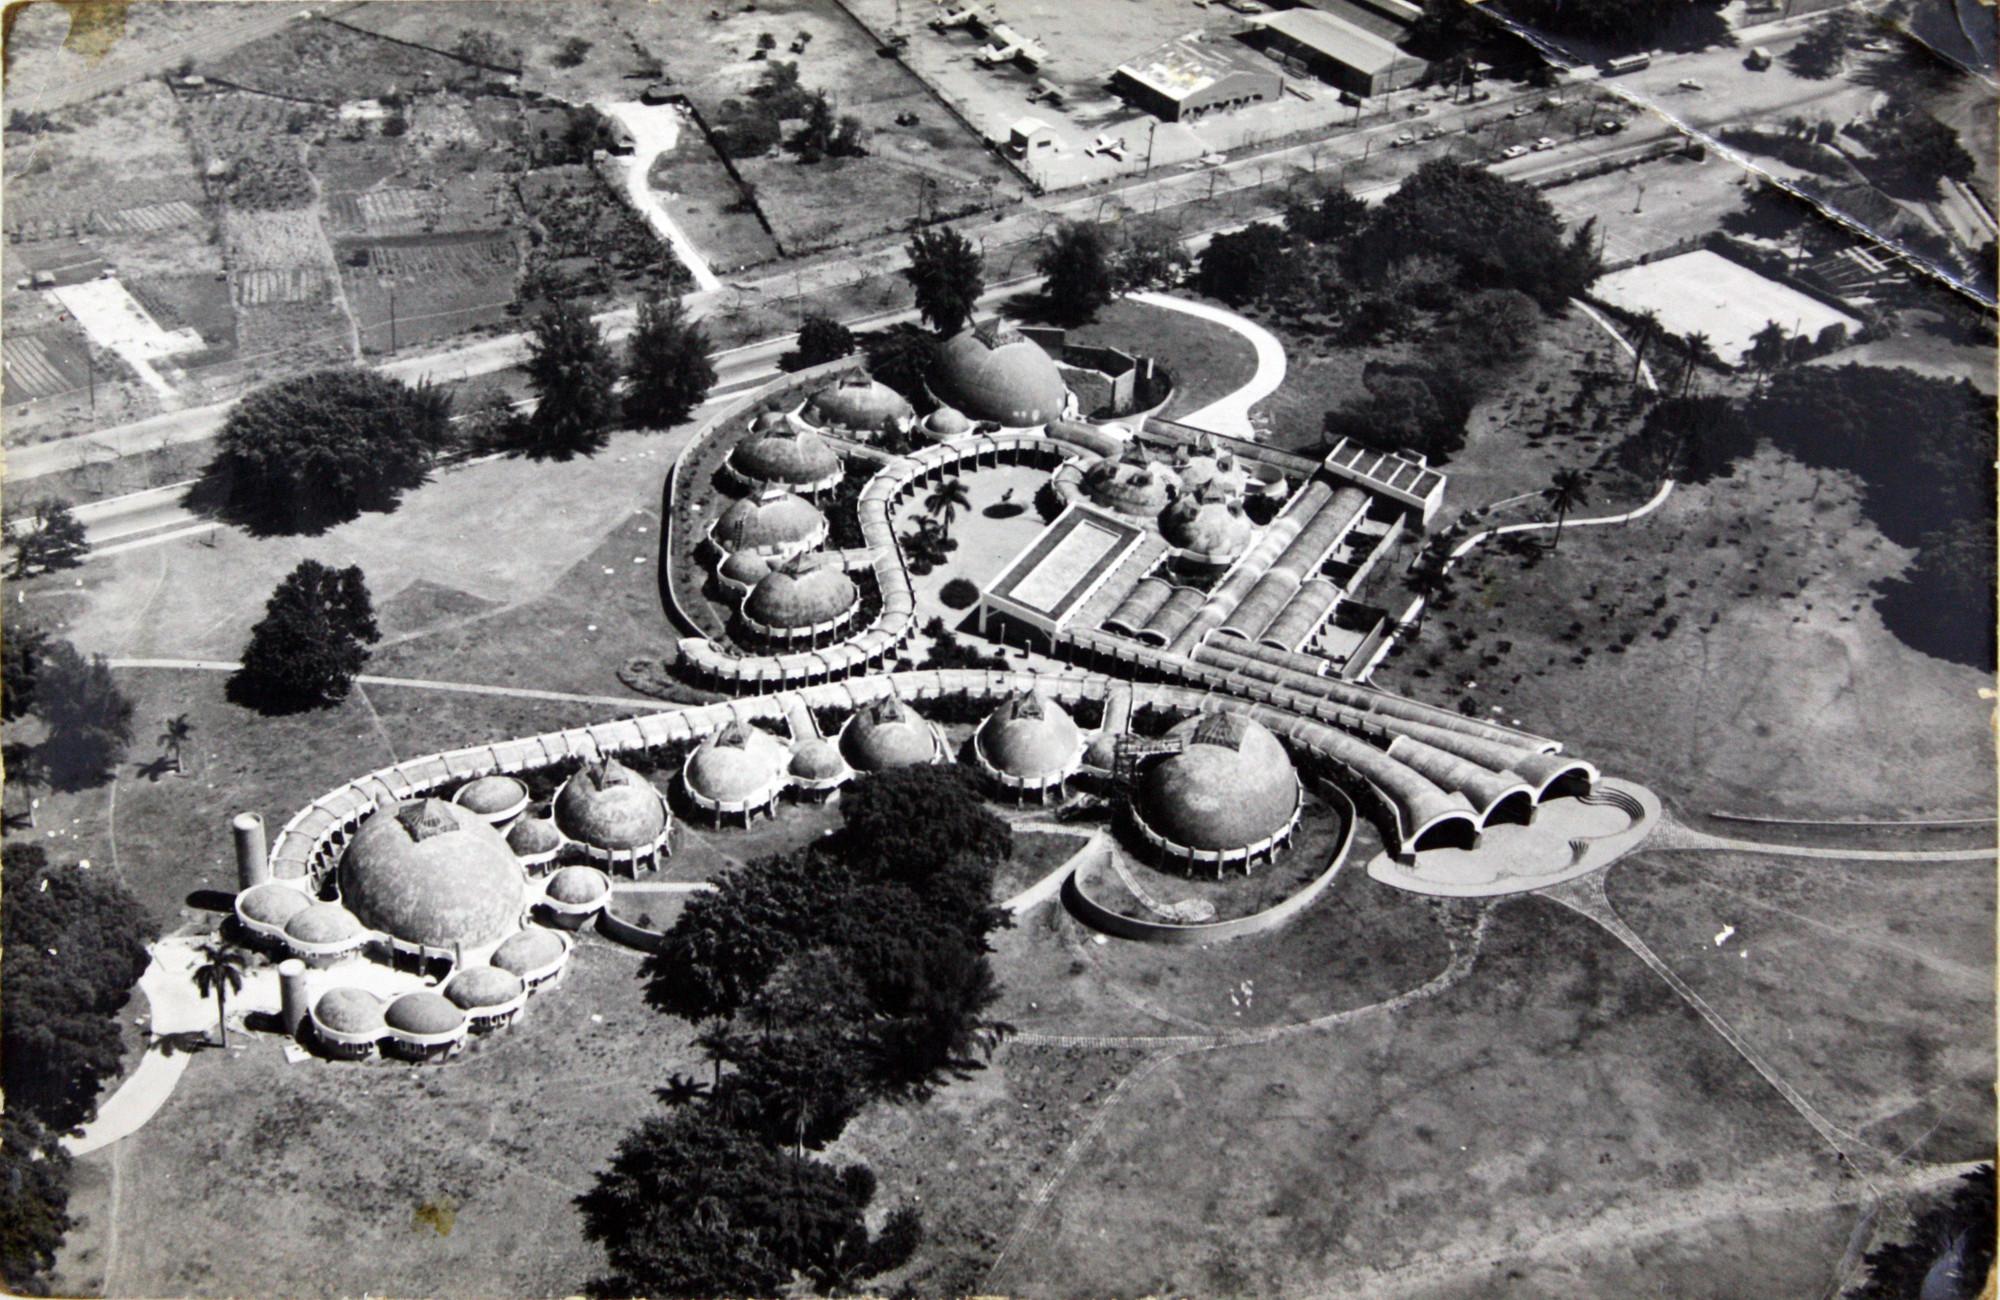 Escuela Nacional de Artes Plásticas, la Habana, Cuba, Ricardo Porro, 1961-1965.. Image© Archivo Vittorio Garatti